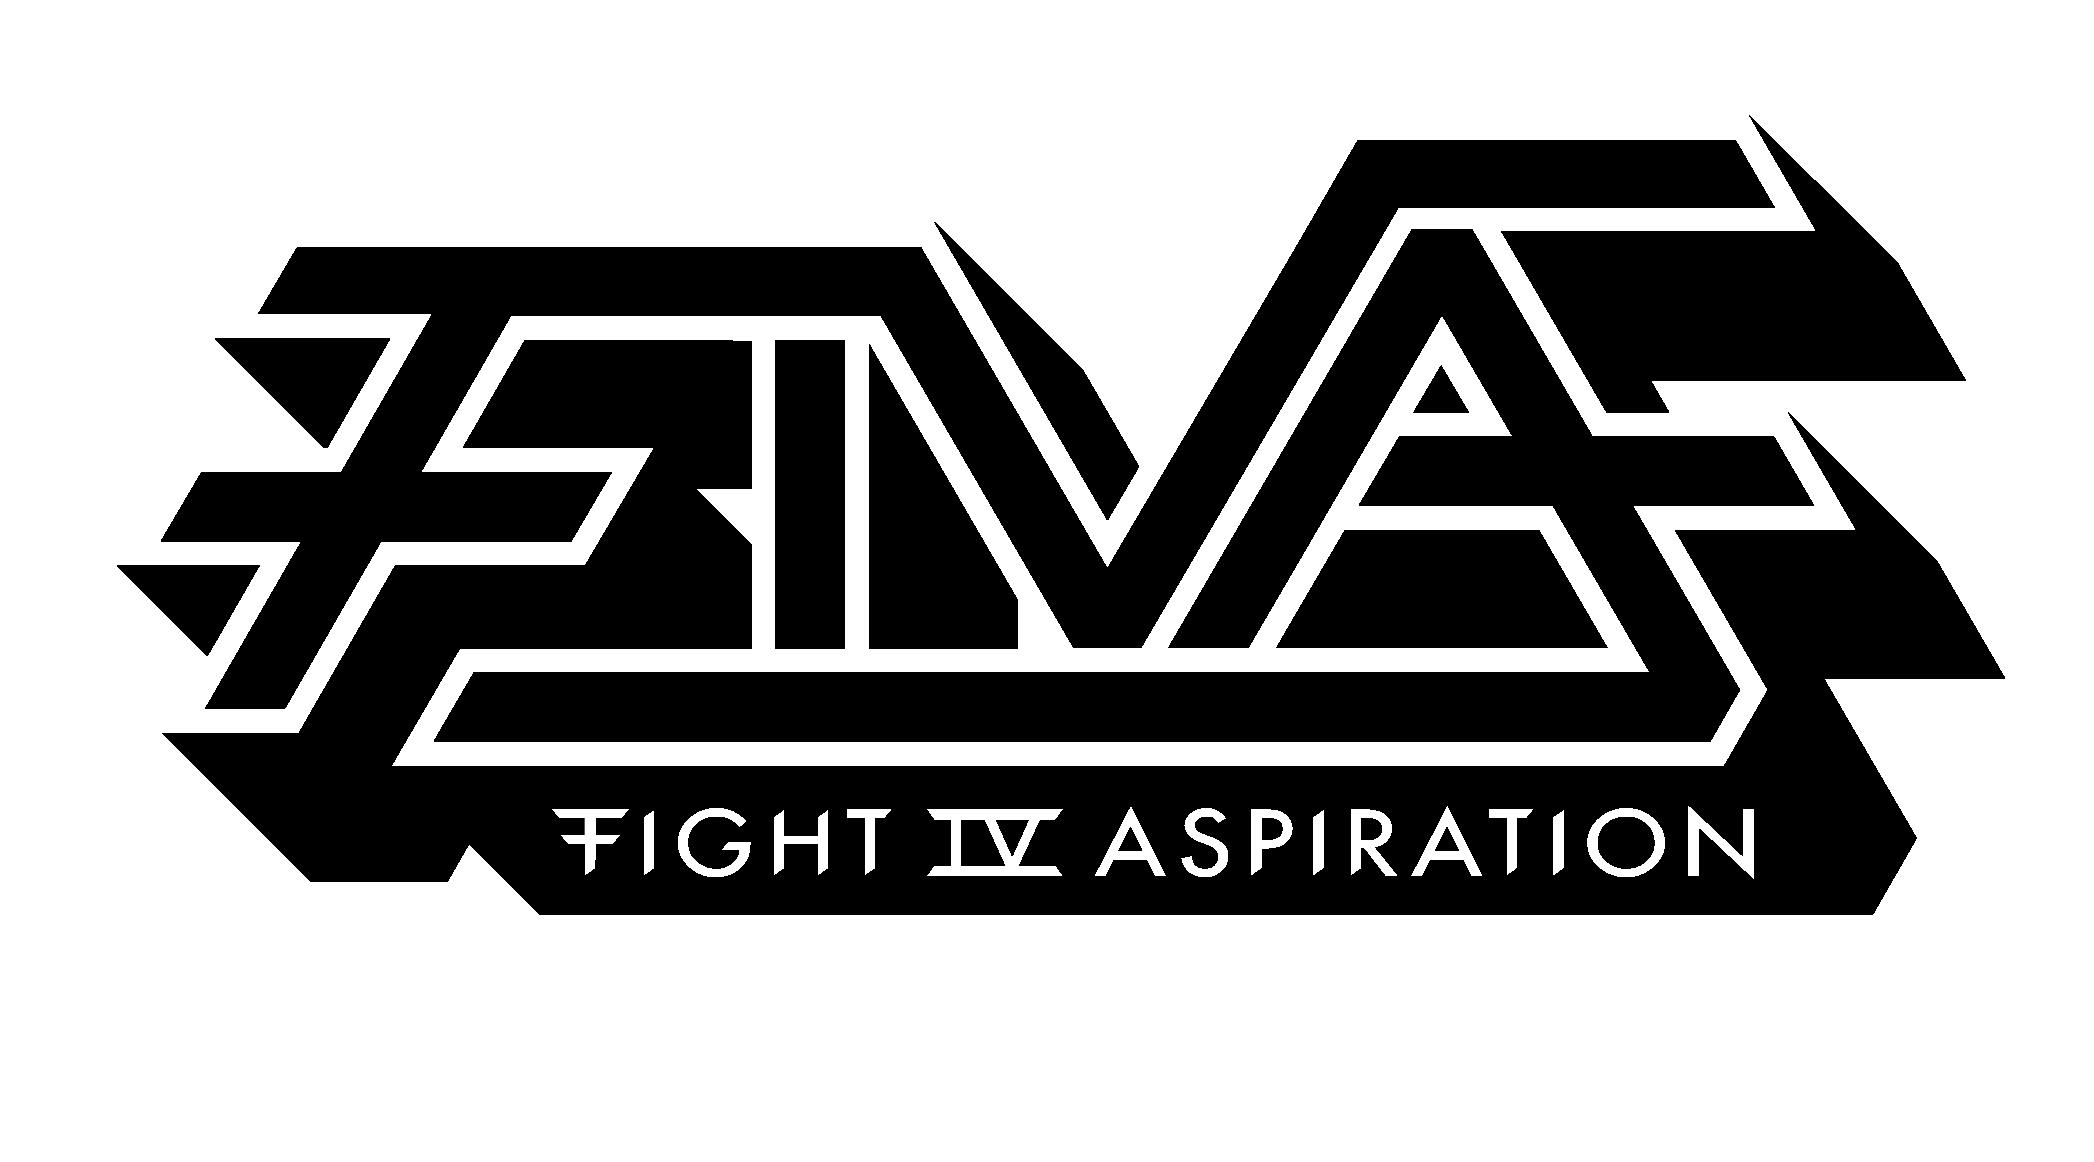 FIVA-Logos-01.png